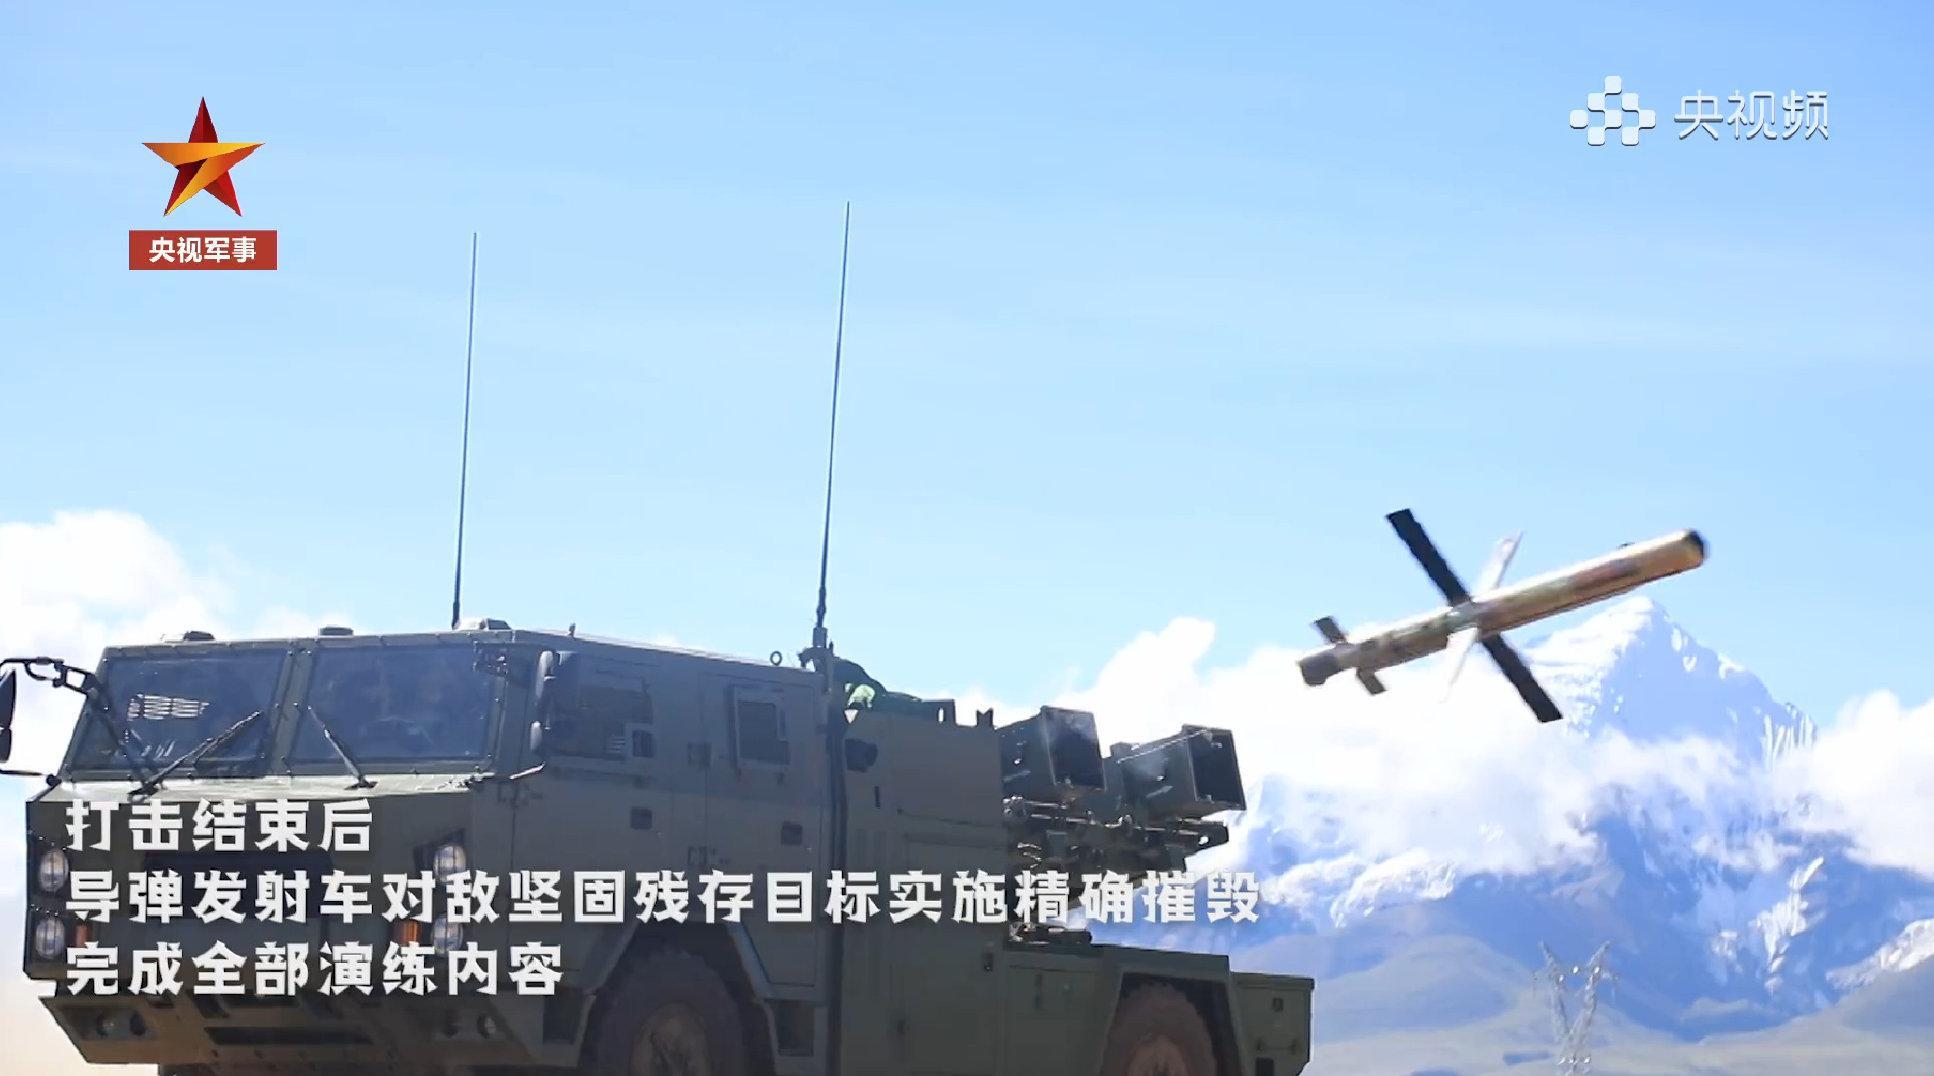 视频:西藏军区多兵种多火器协同打击演练现场